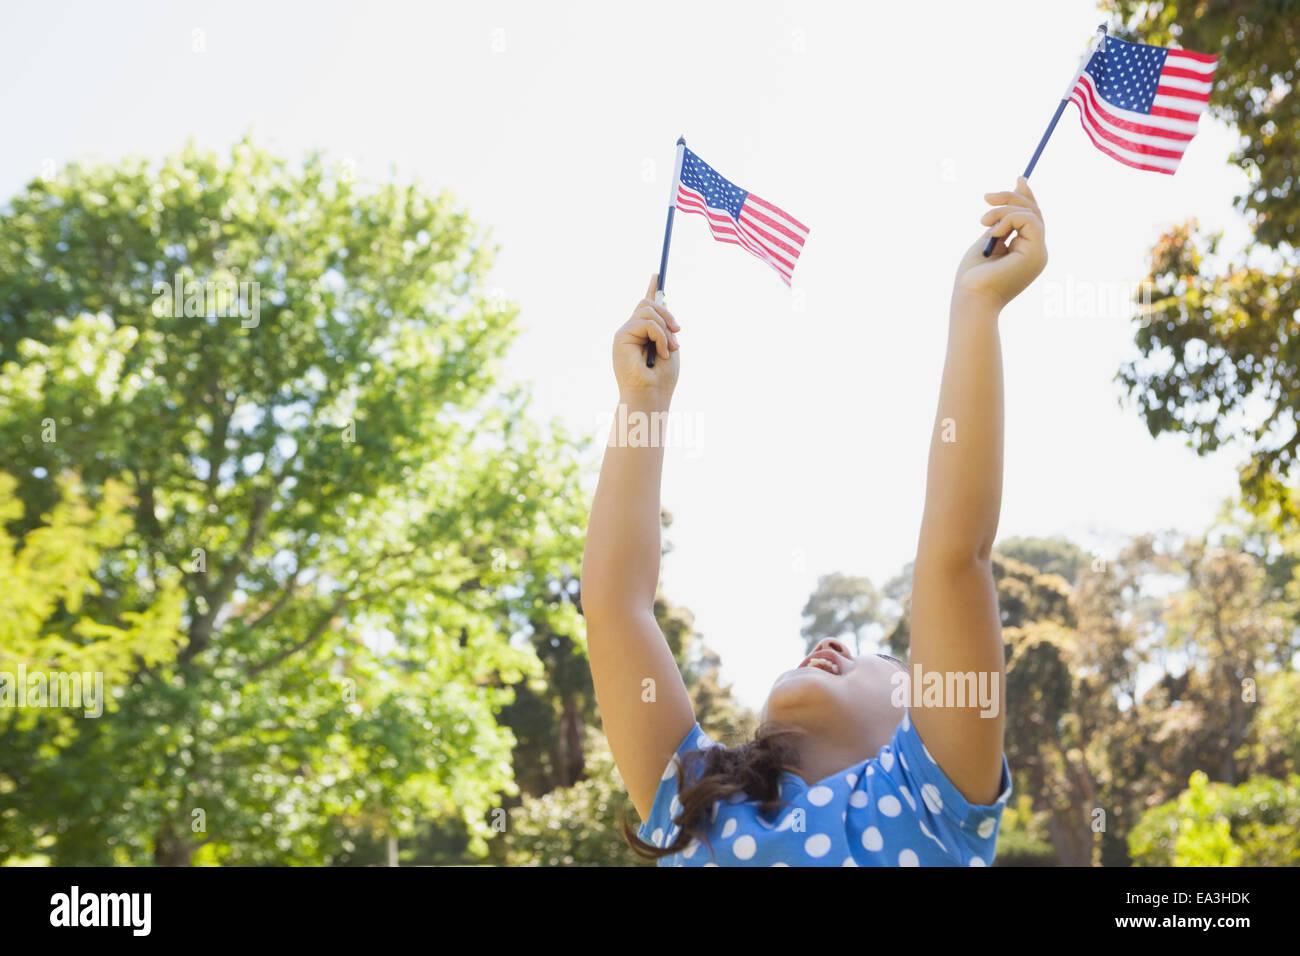 Chica sujetando dos banderas americanas en park Imagen De Stock